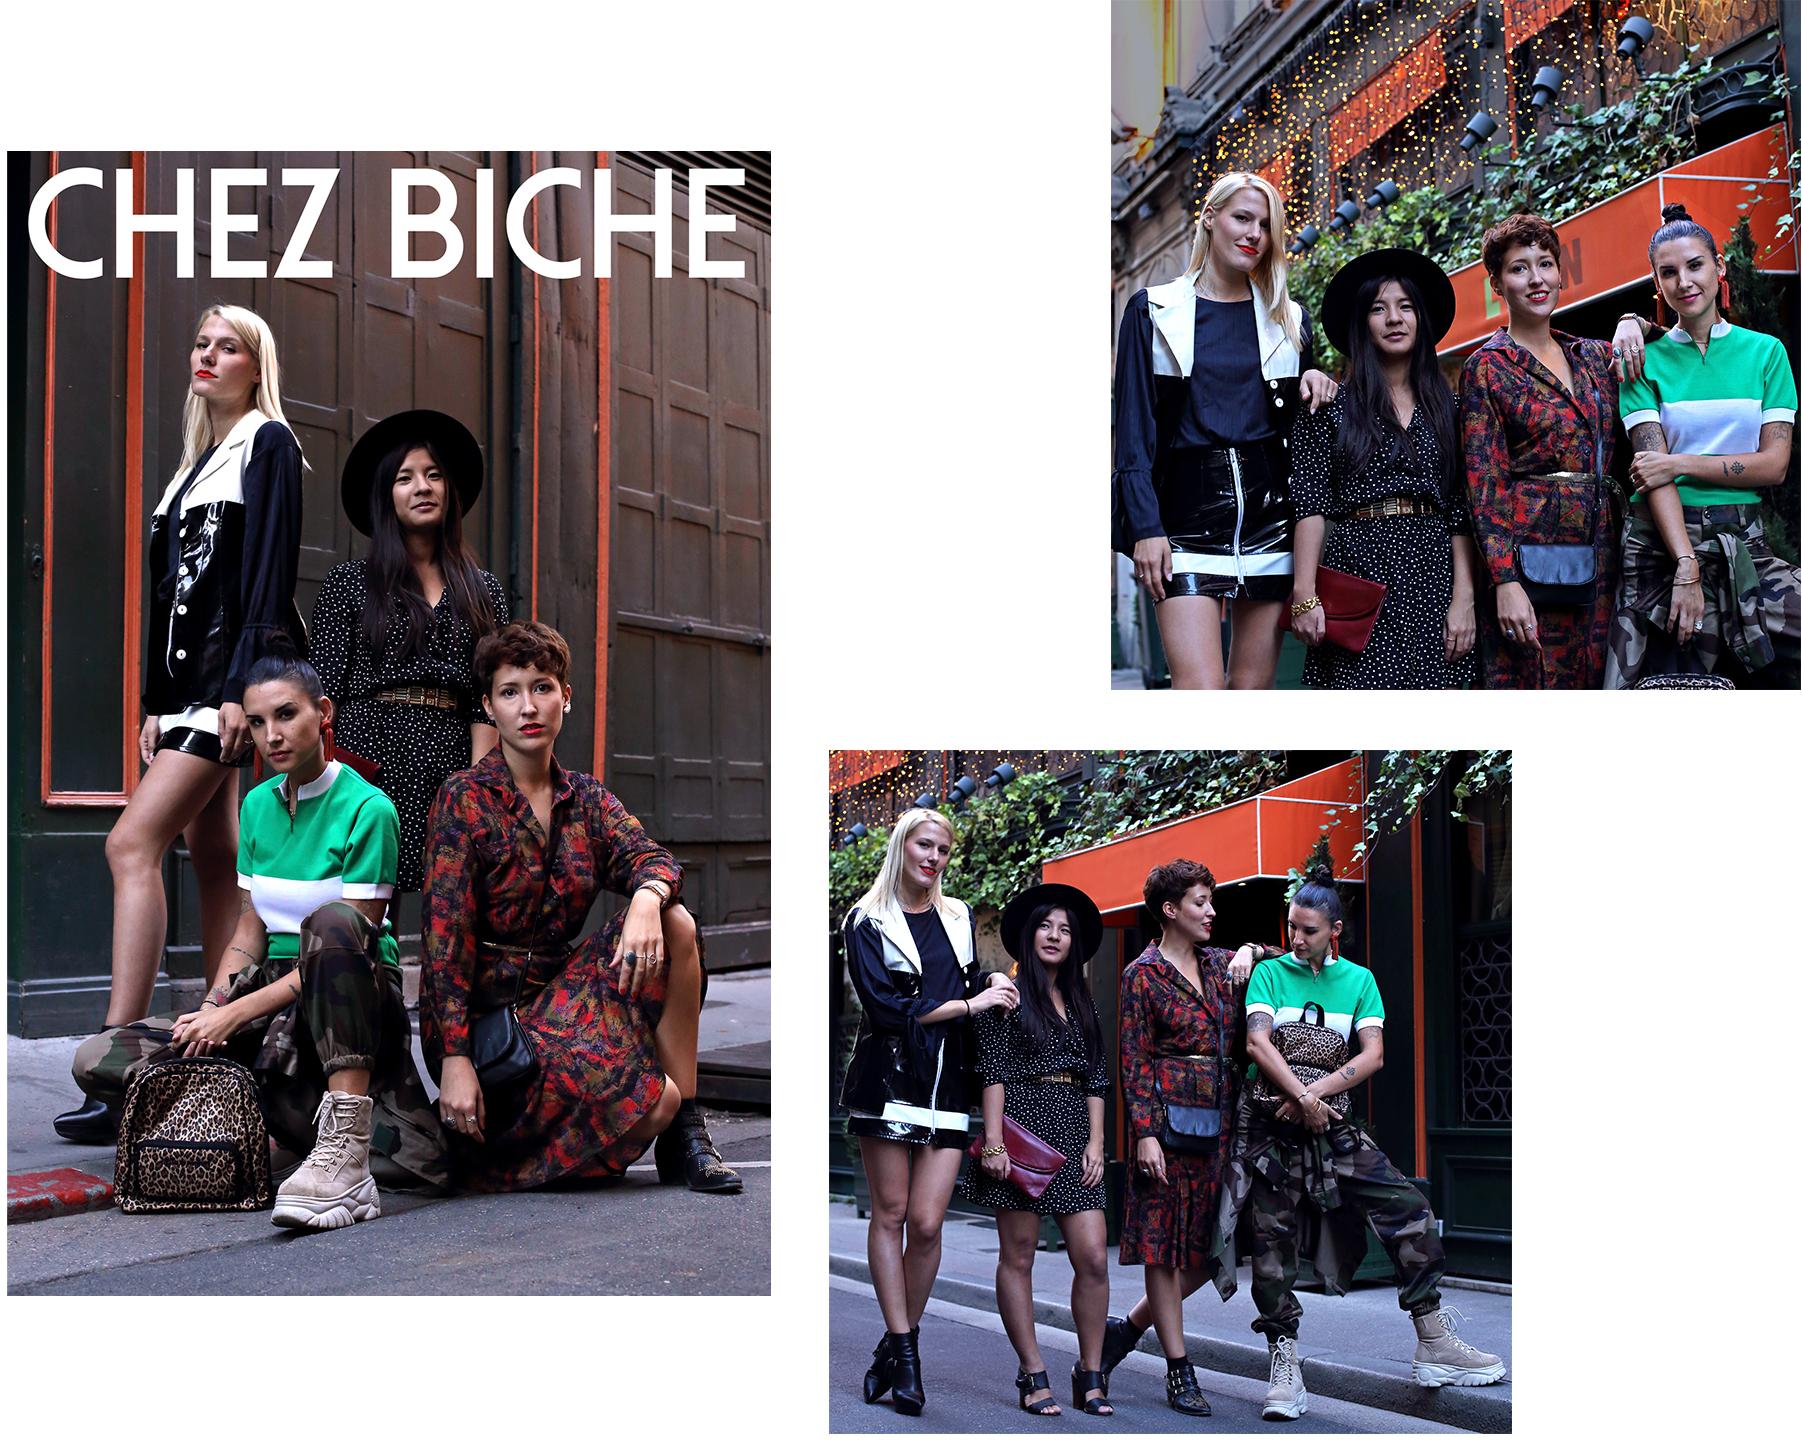 Lady-Biche-Chez-Biche-Vintage-ambassadrices-1